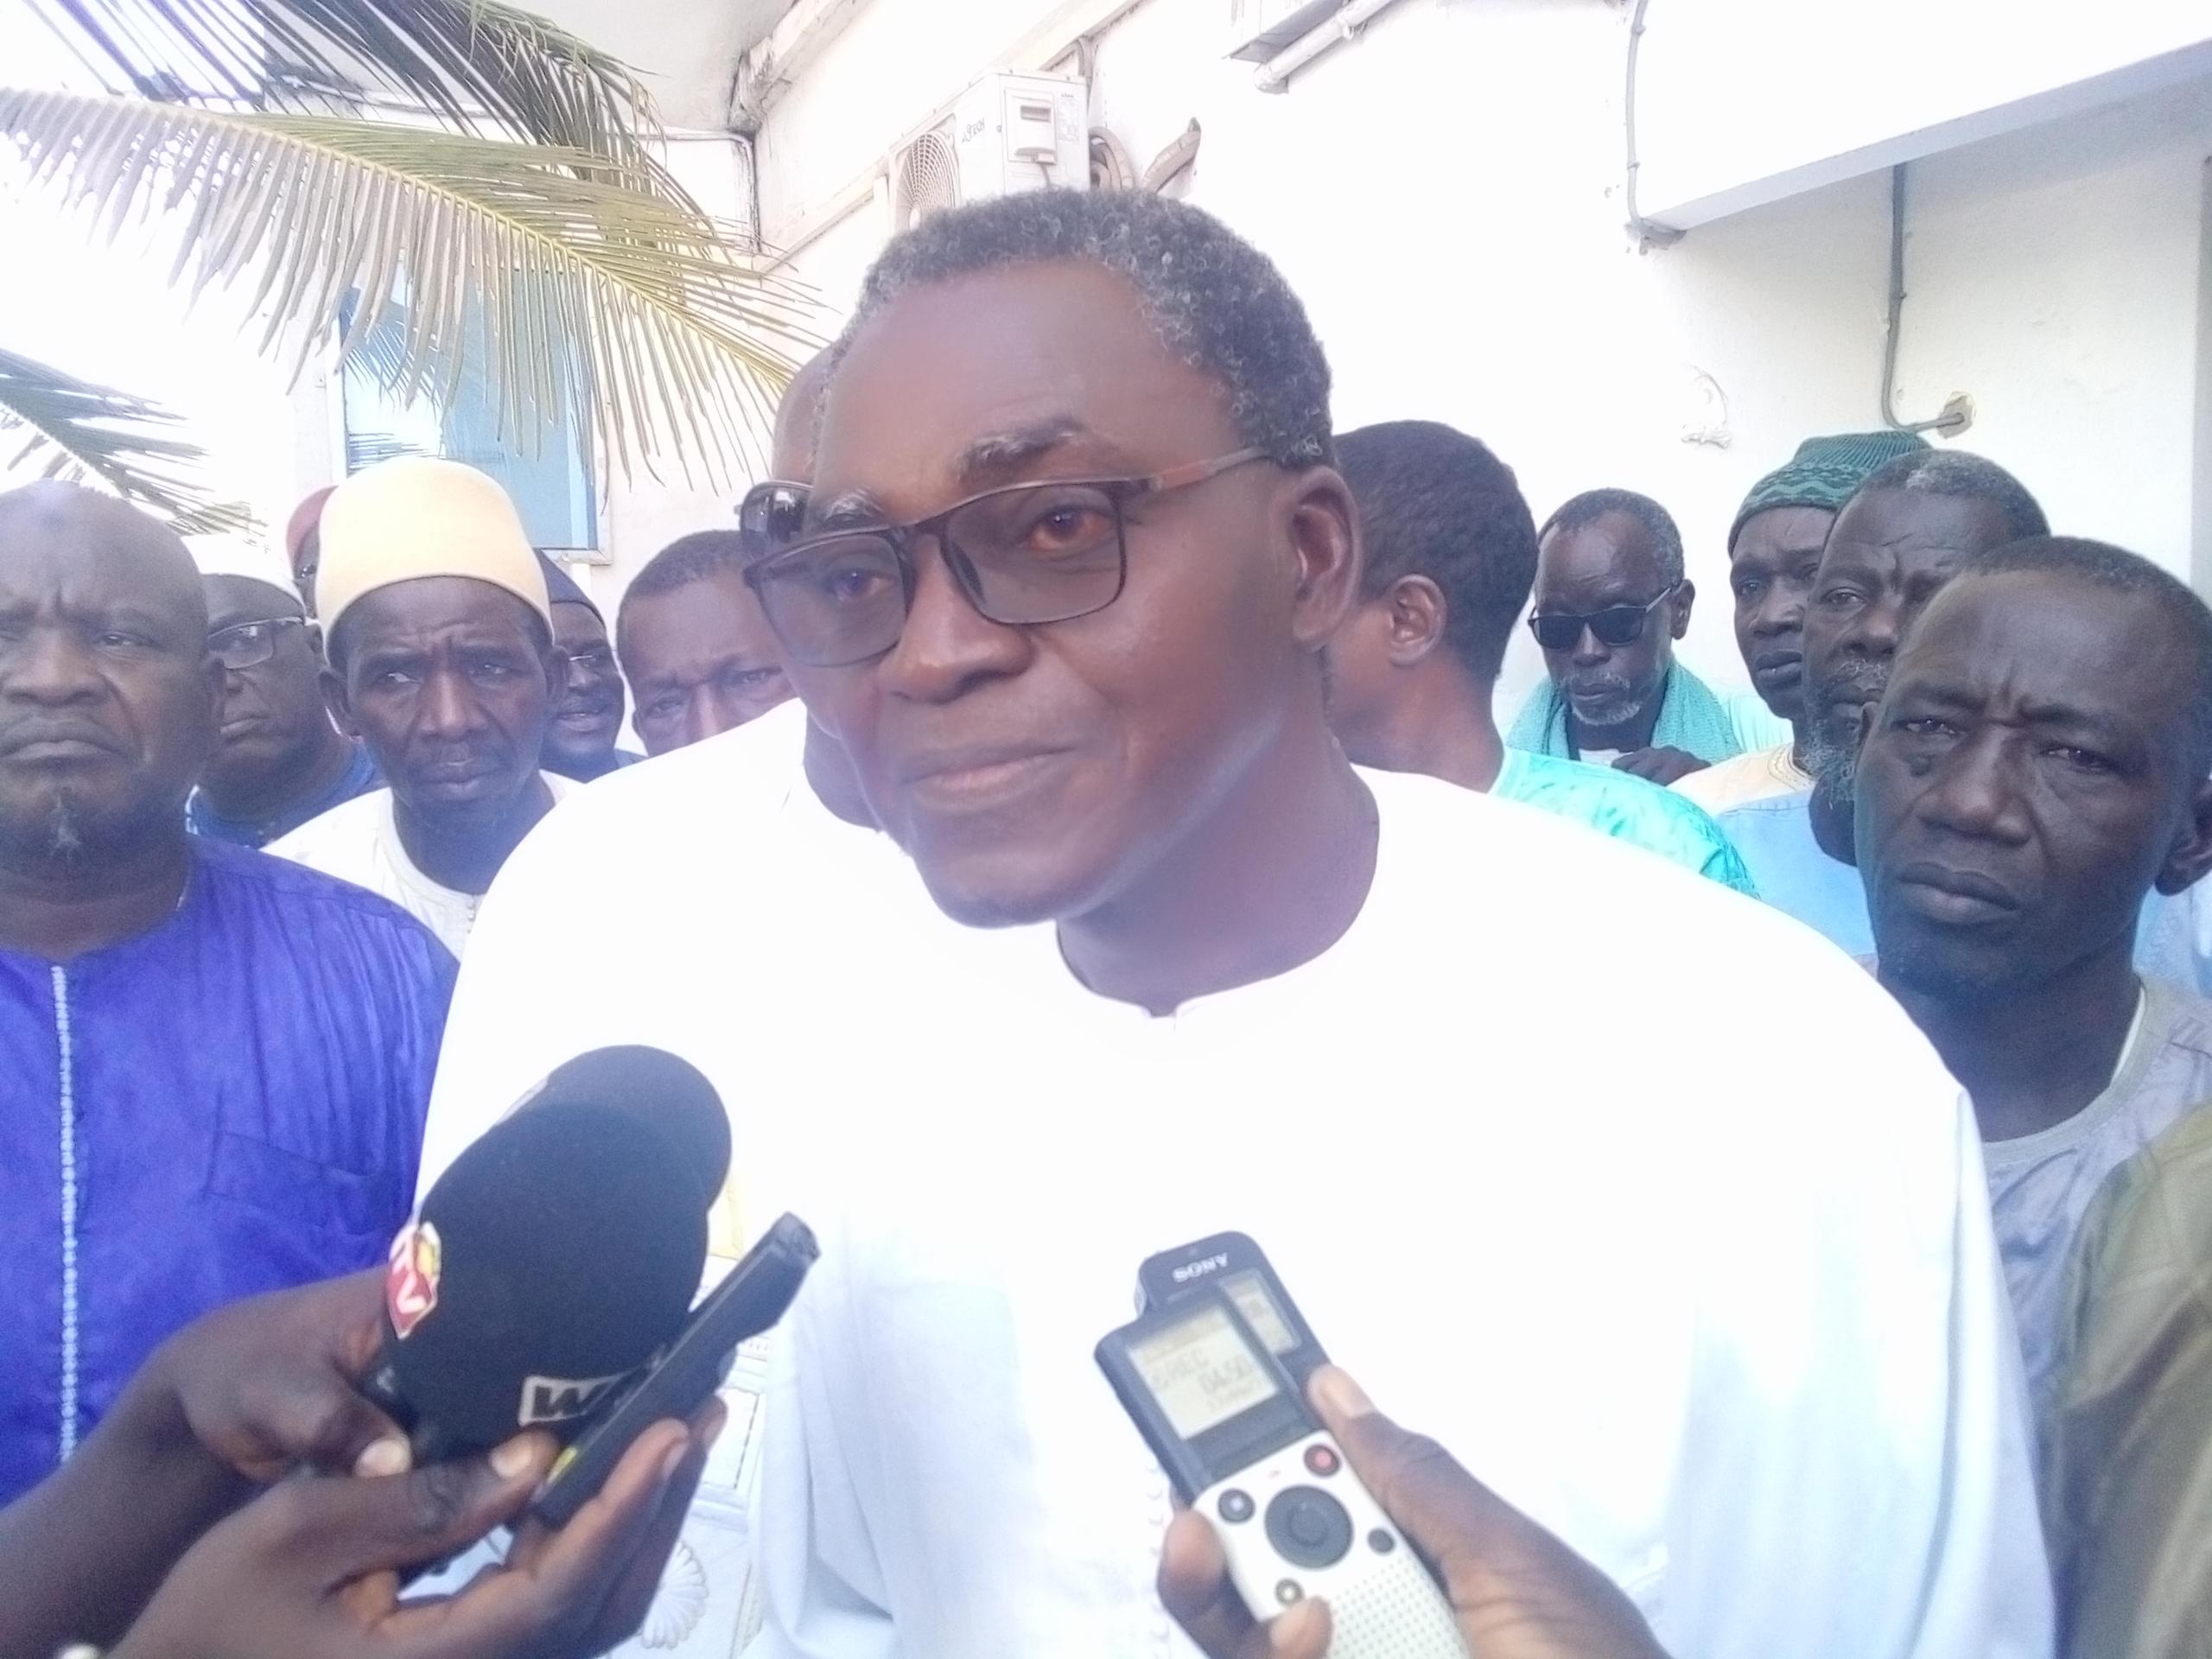 Délivrance de licences entre la Gambie et le Sénégal : Les chauffeurs et transporteurs en AG à Kaolack disent niet.